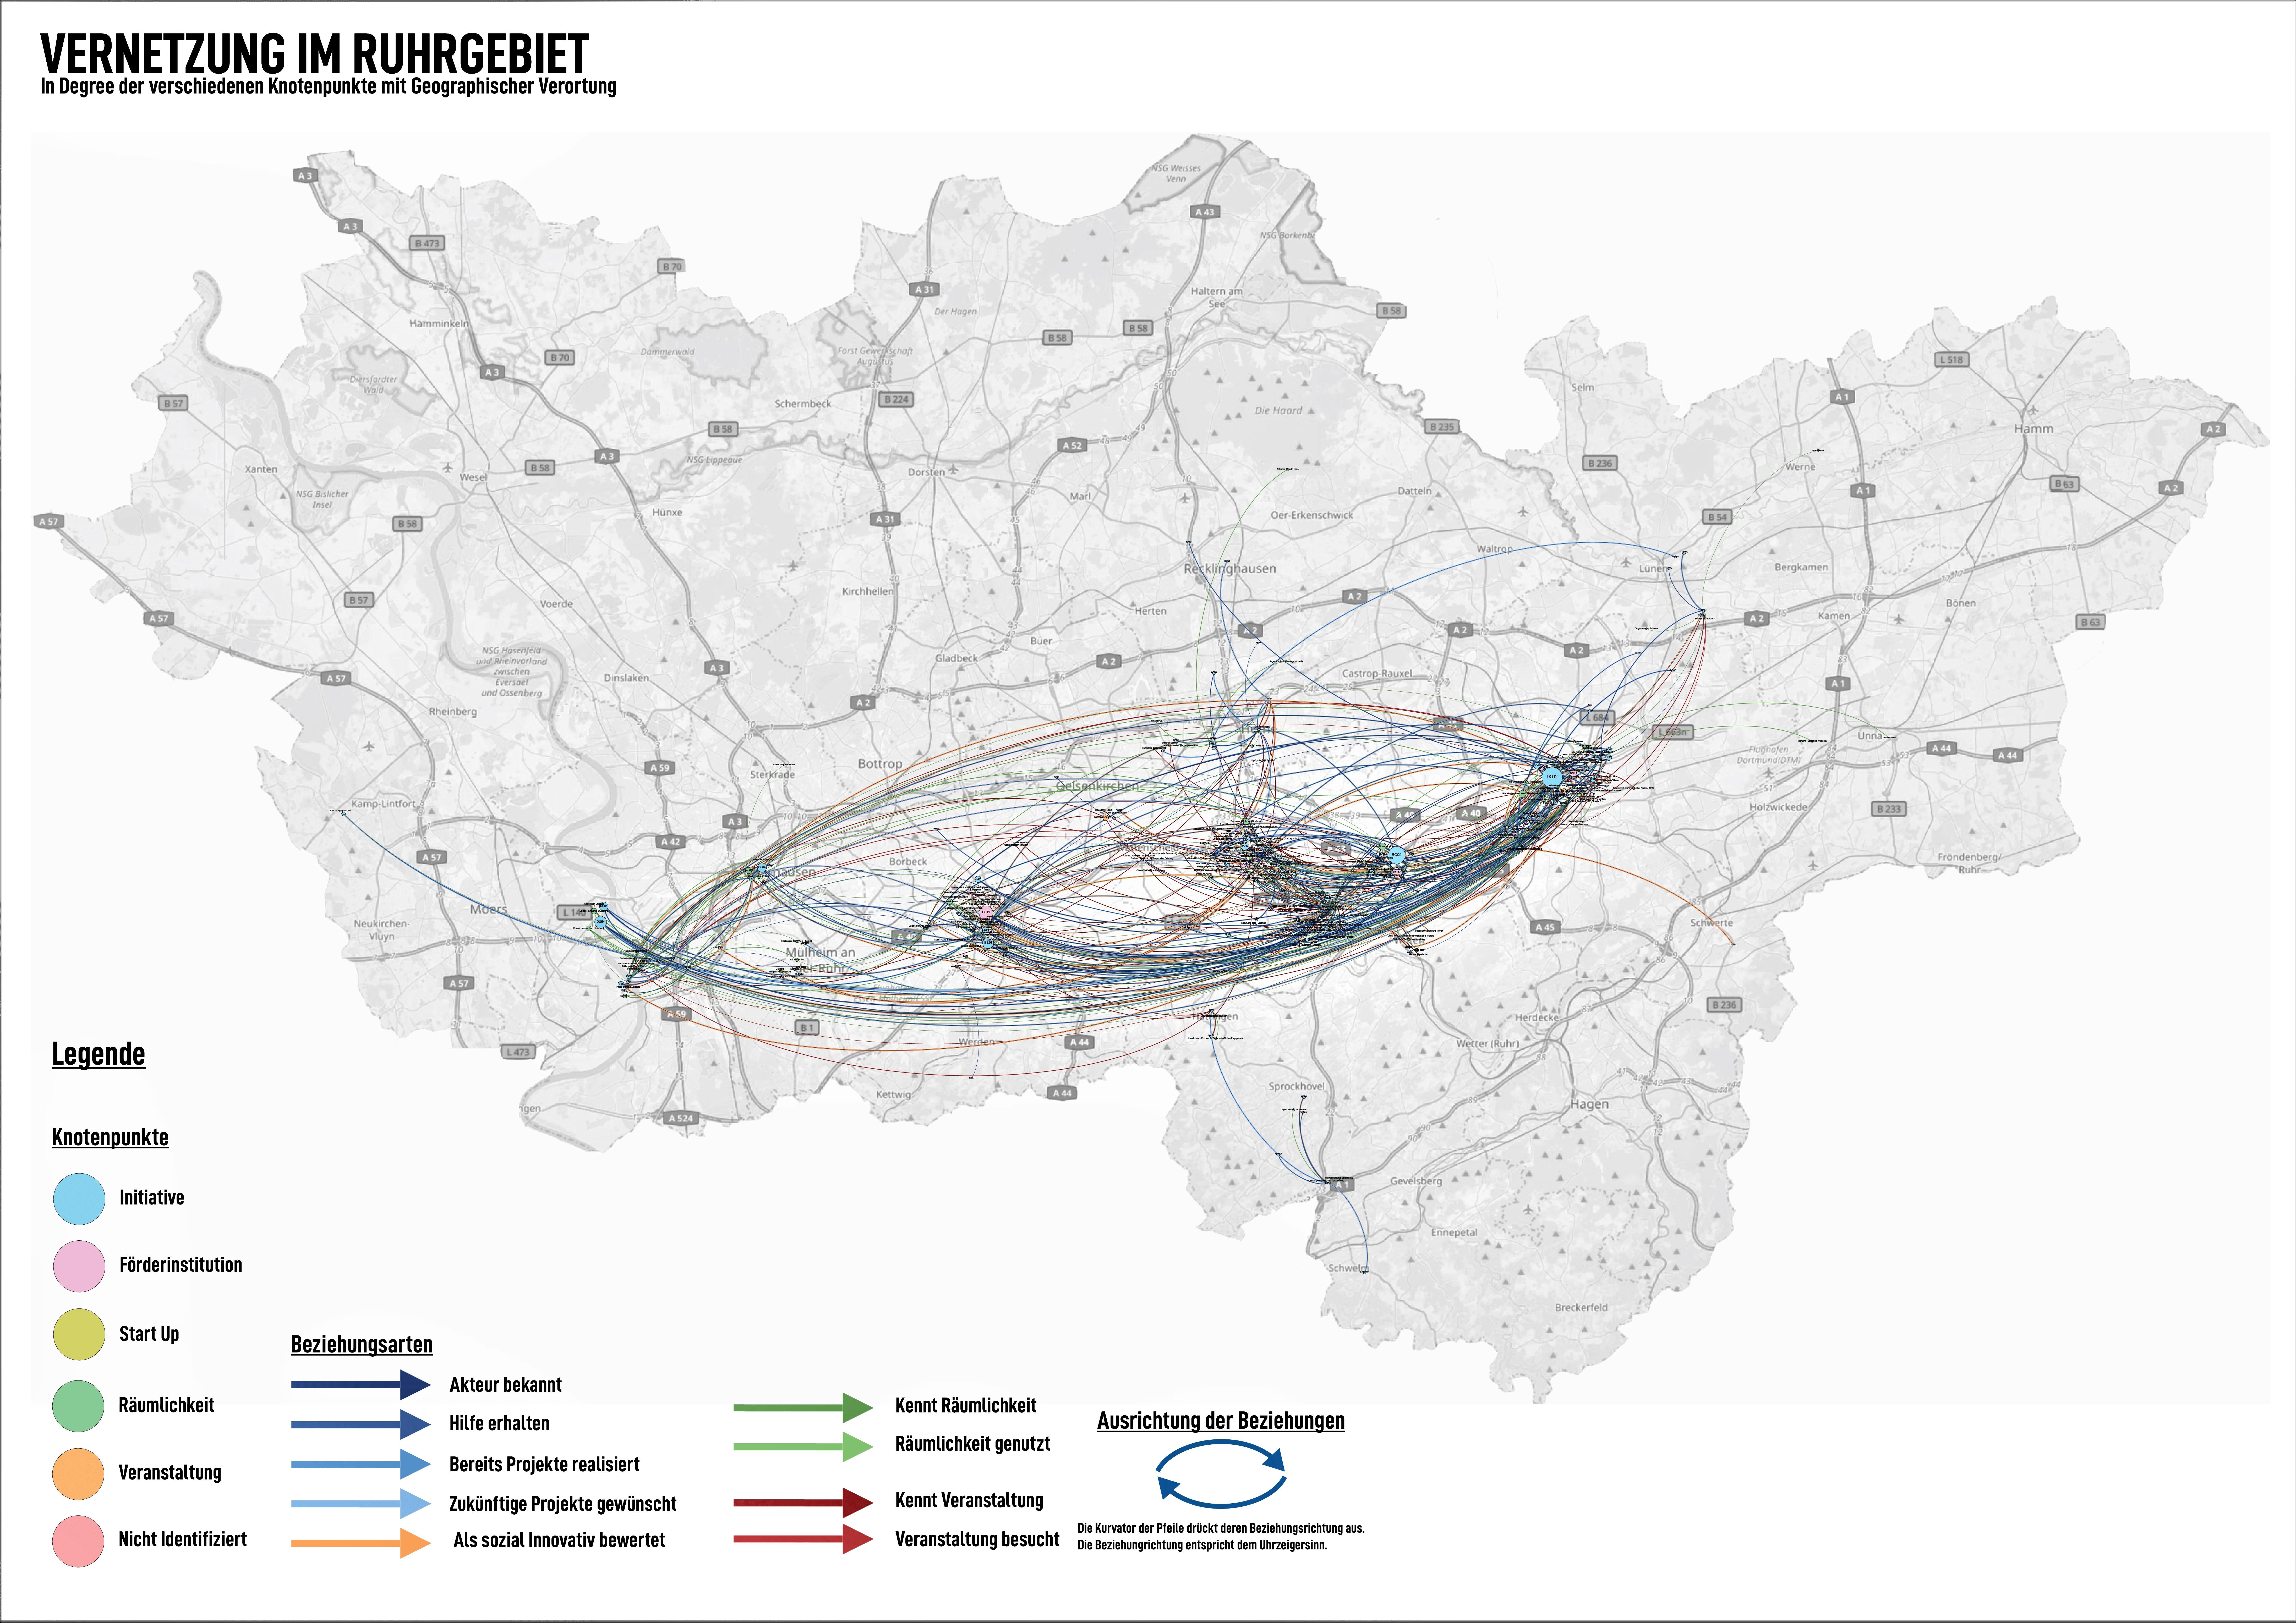 Karte Ruhrgebiet.Netzwerkanalyse Soziale Innovation Im Ruhrgebiet